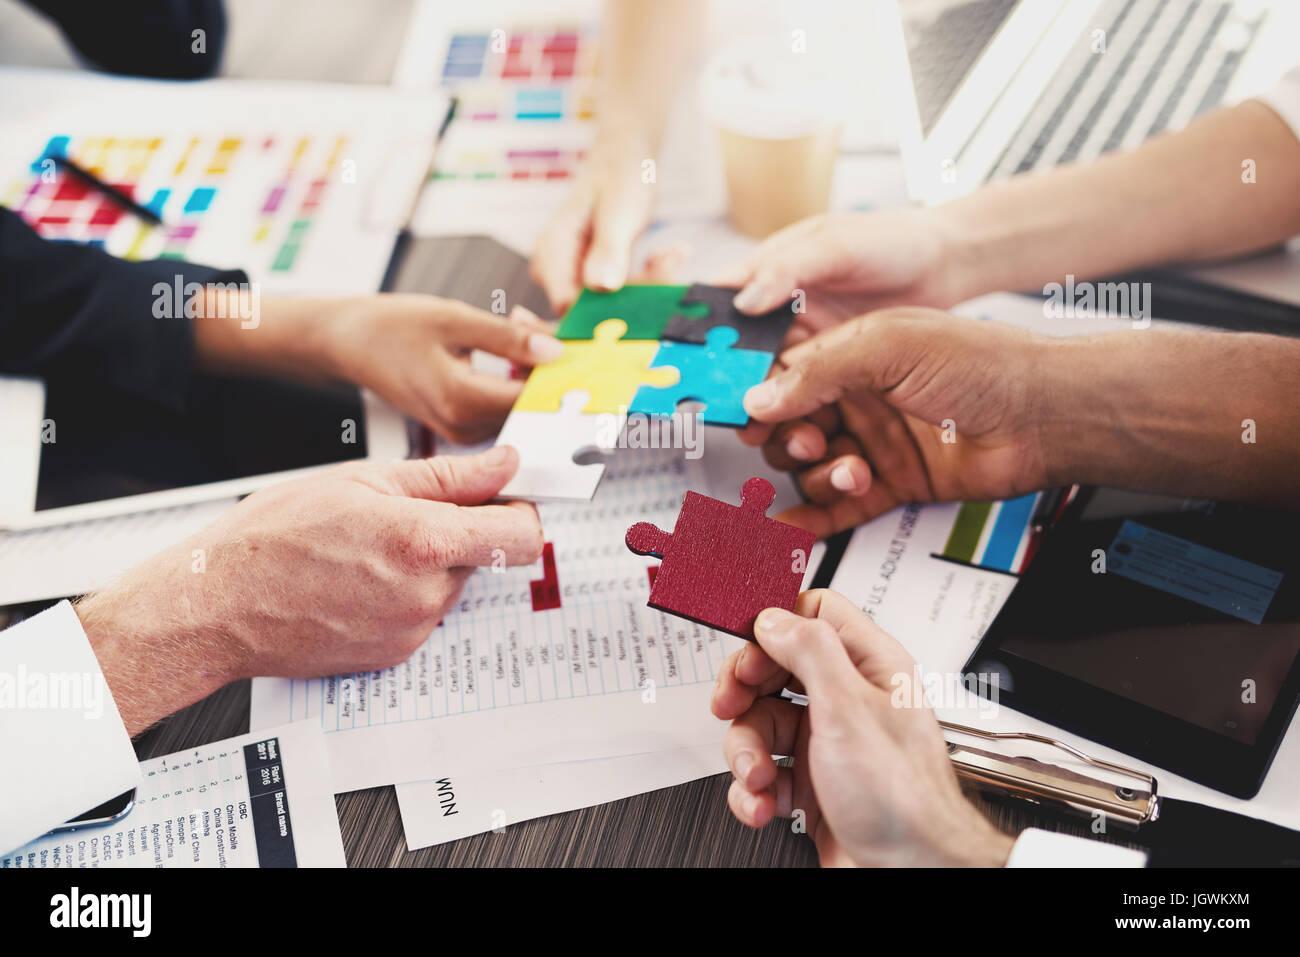 Team di uomini di affari di lavorare insieme per costruire un puzzle. Concetto di unità e di collaborazione Immagini Stock